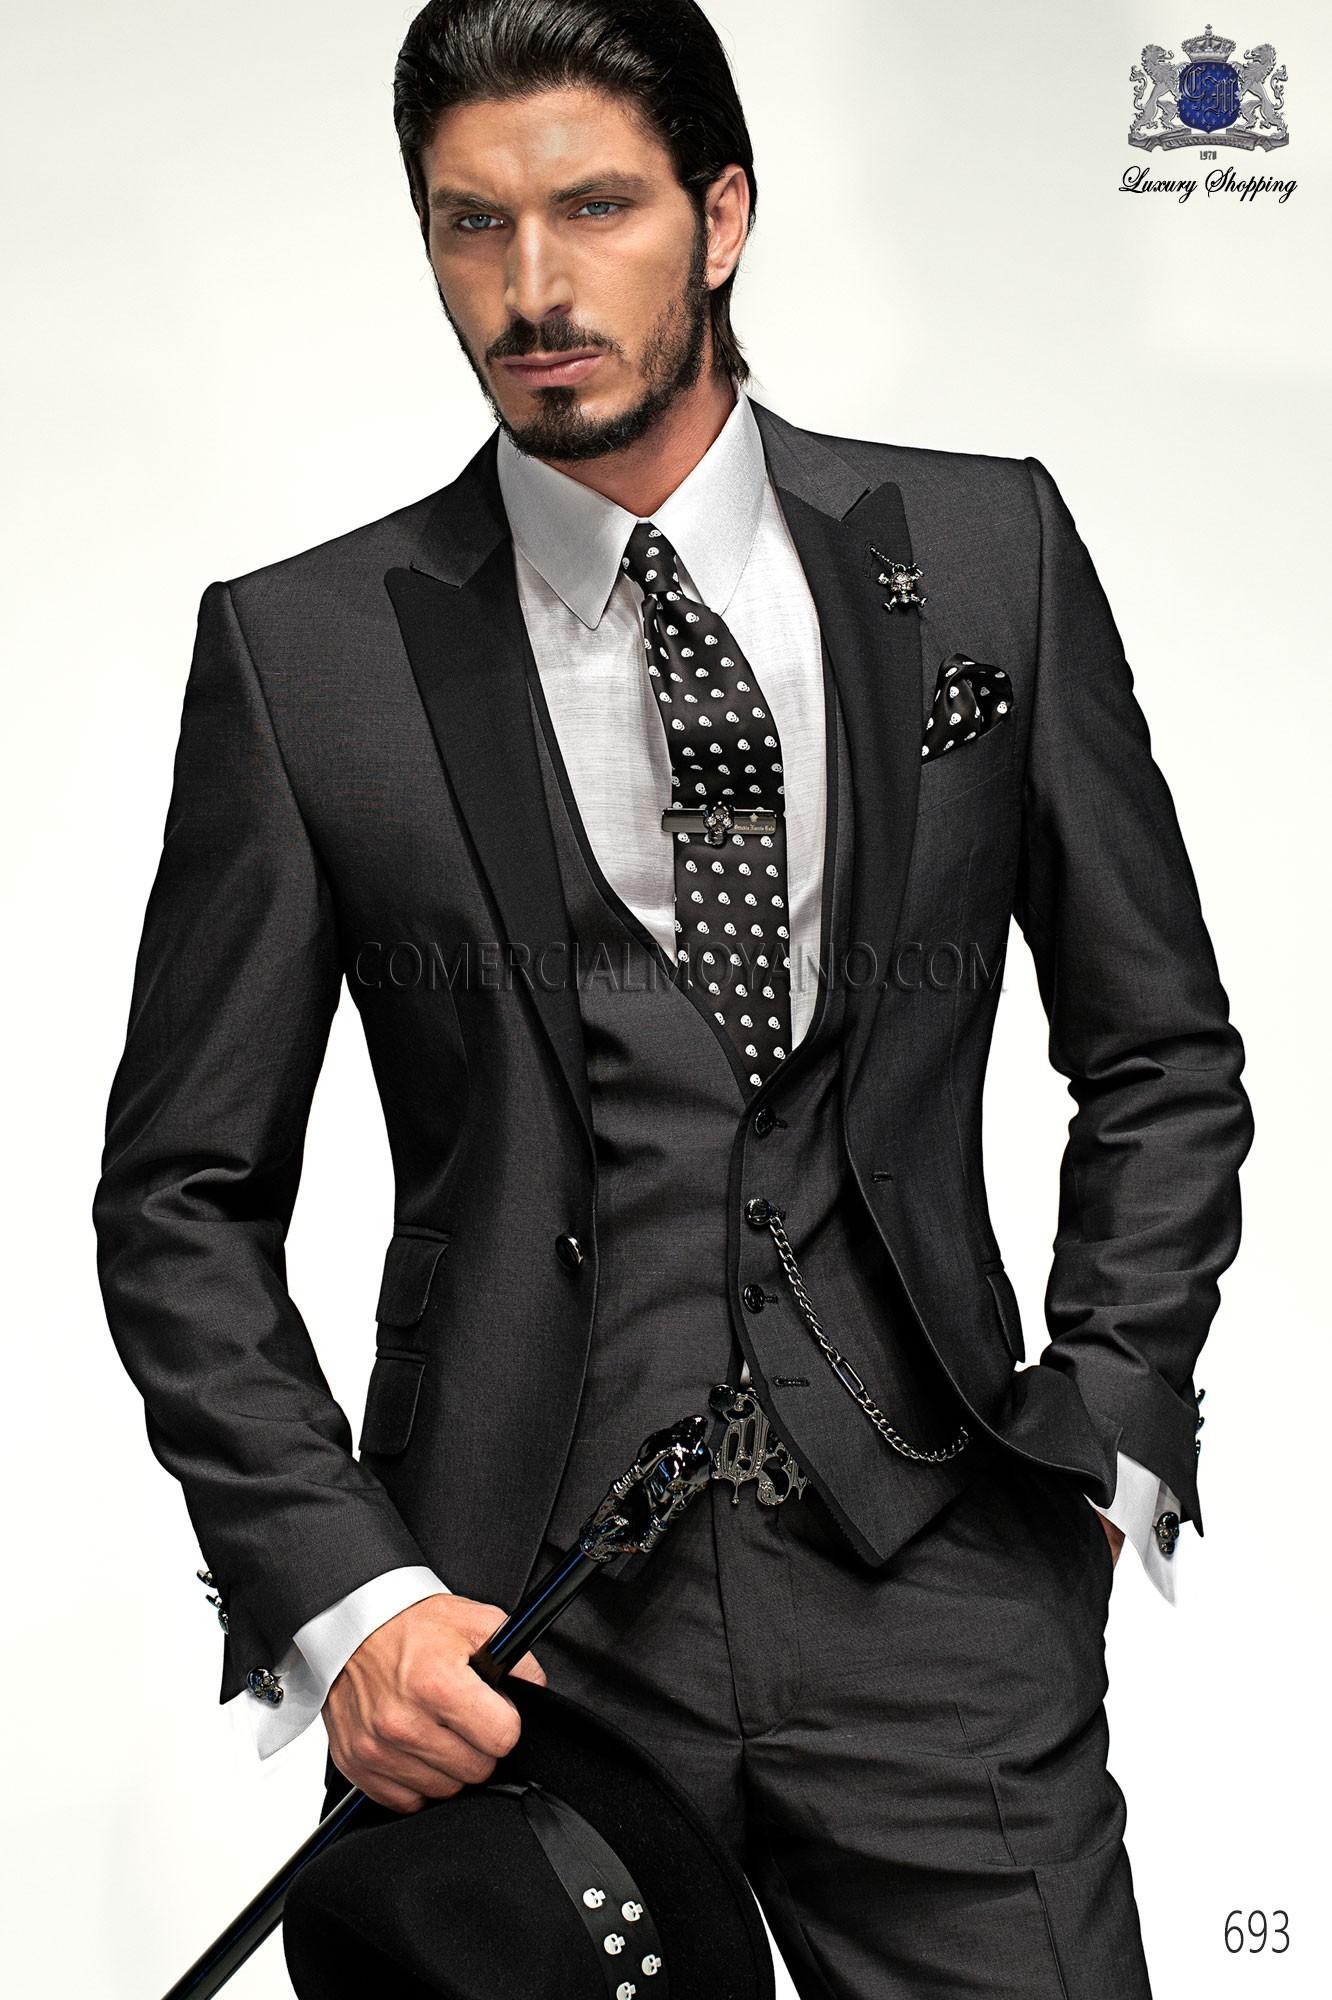 Traje de moda hombre gris modelo: 693 Ottavio Nuccio Gala colección Emotion